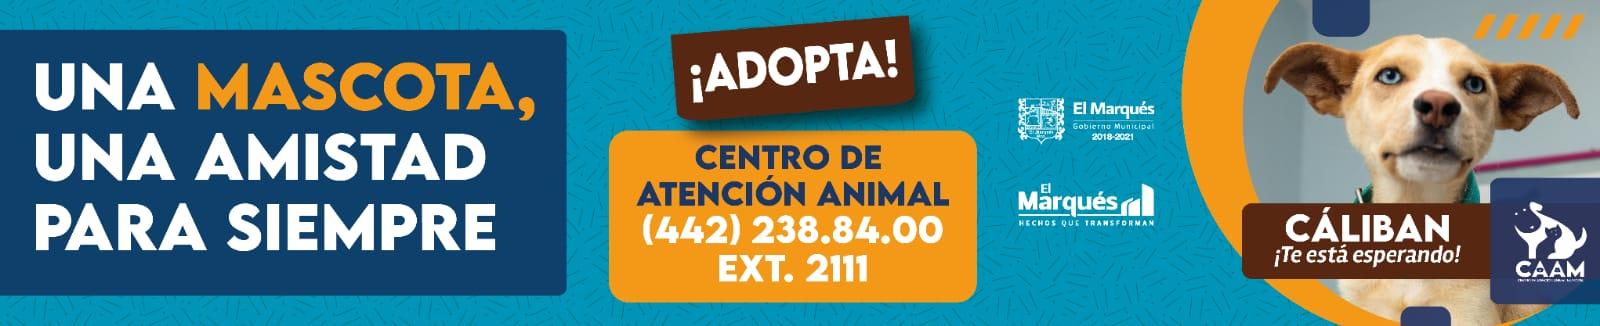 Centro ade atención animal